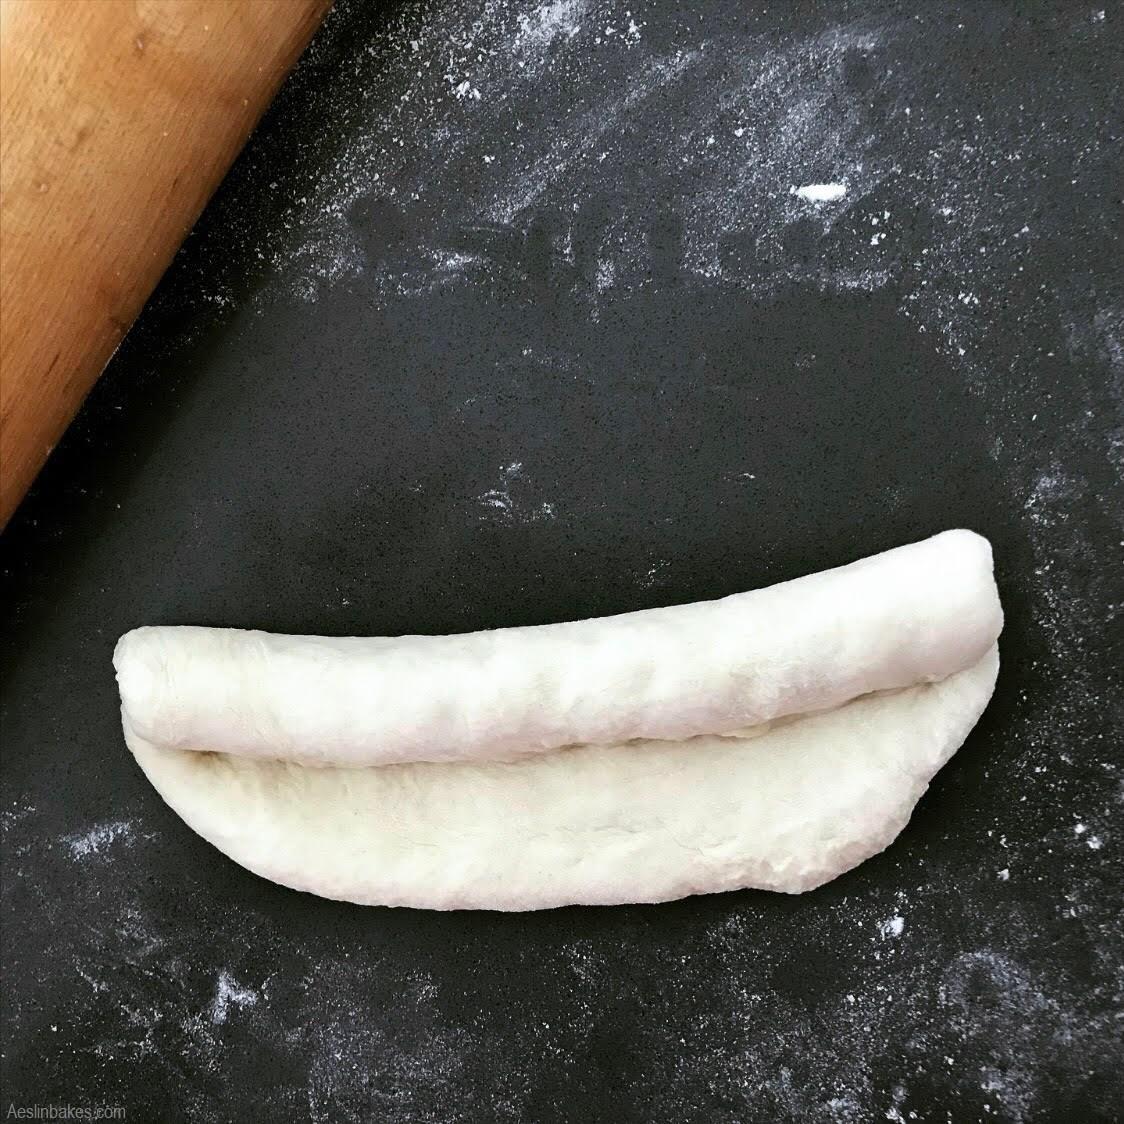 Shaping hotdog buns B